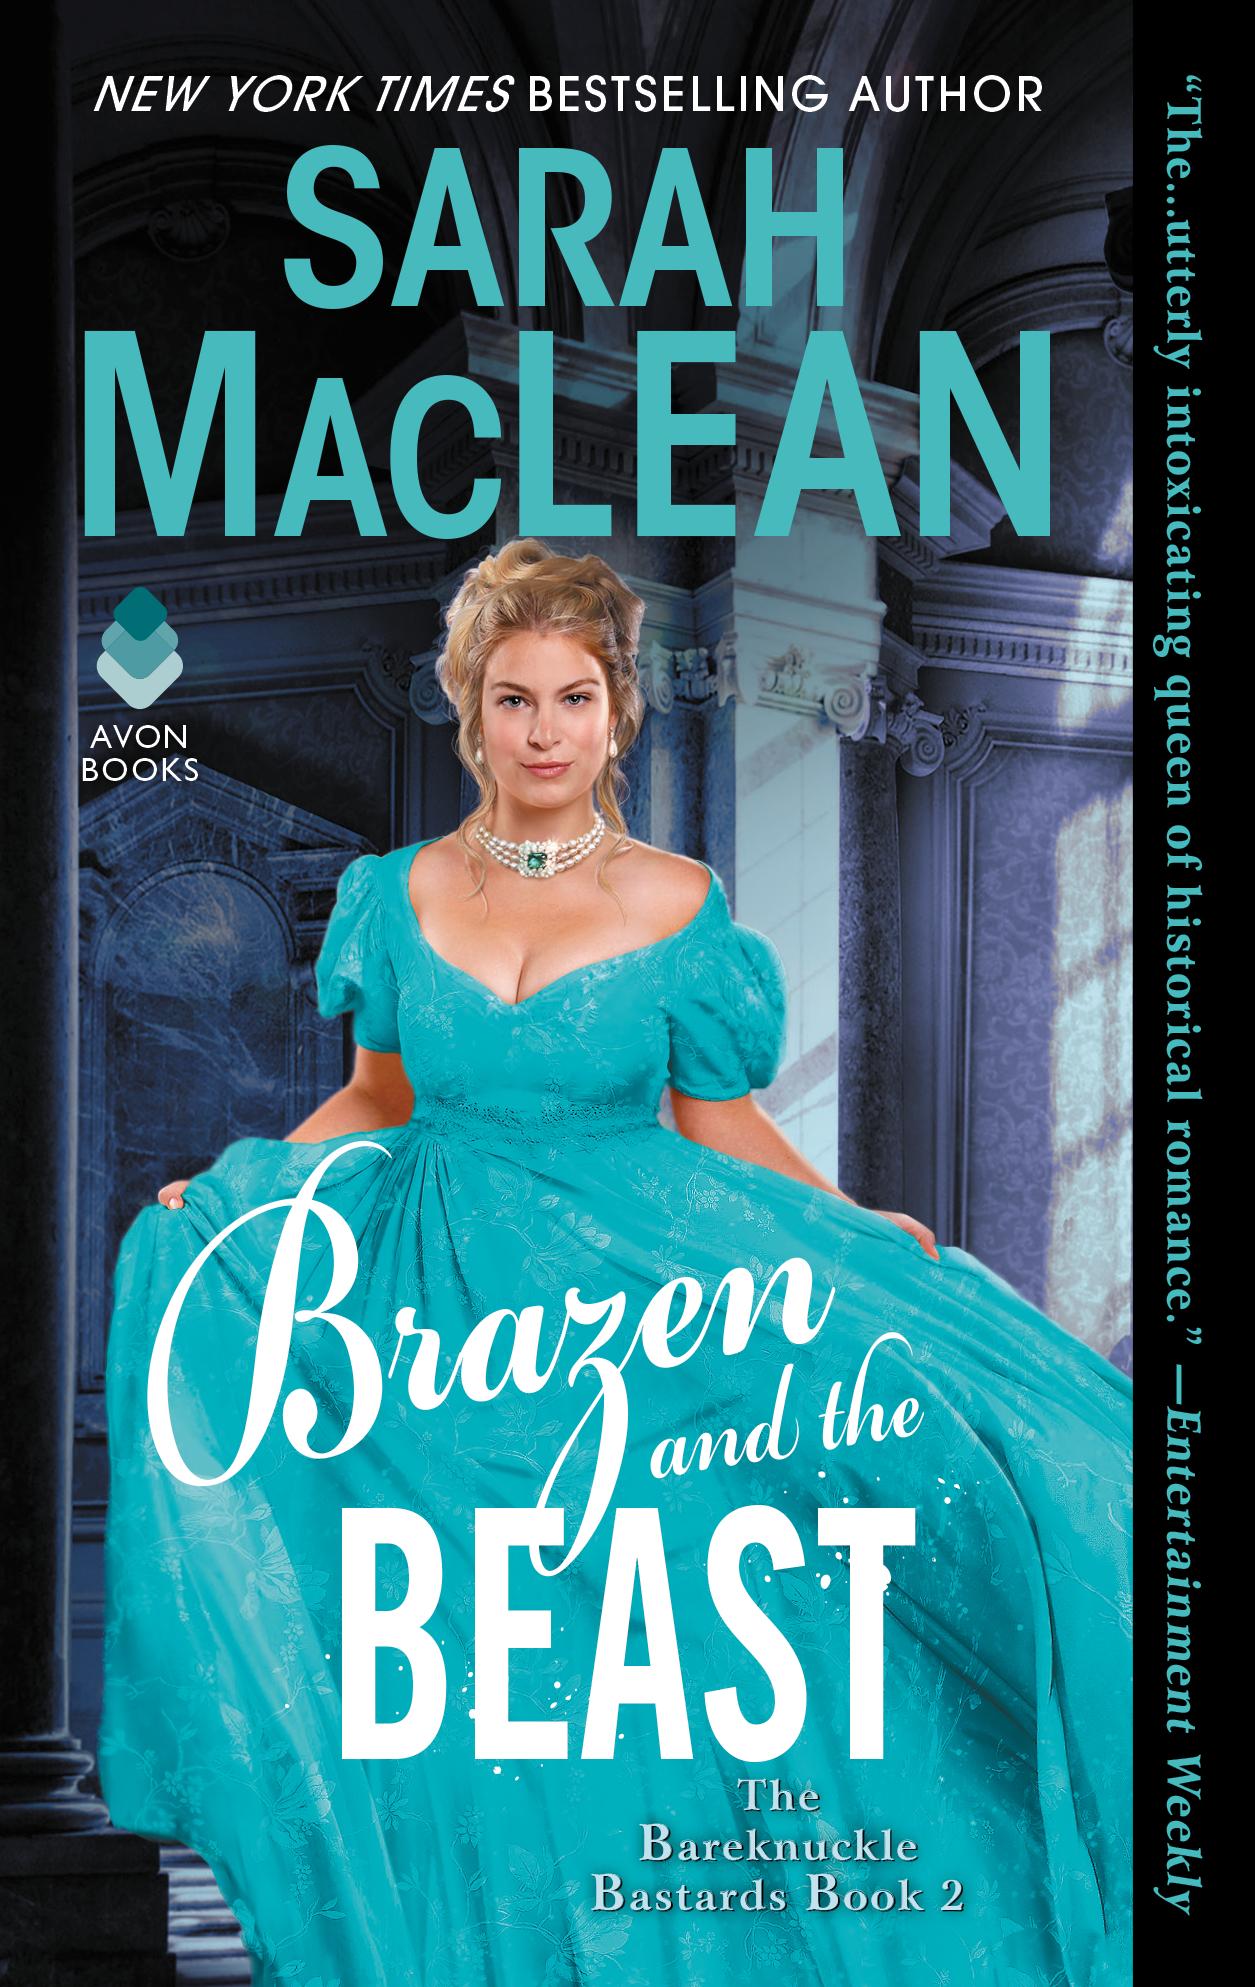 Brazen & the Beast Cover